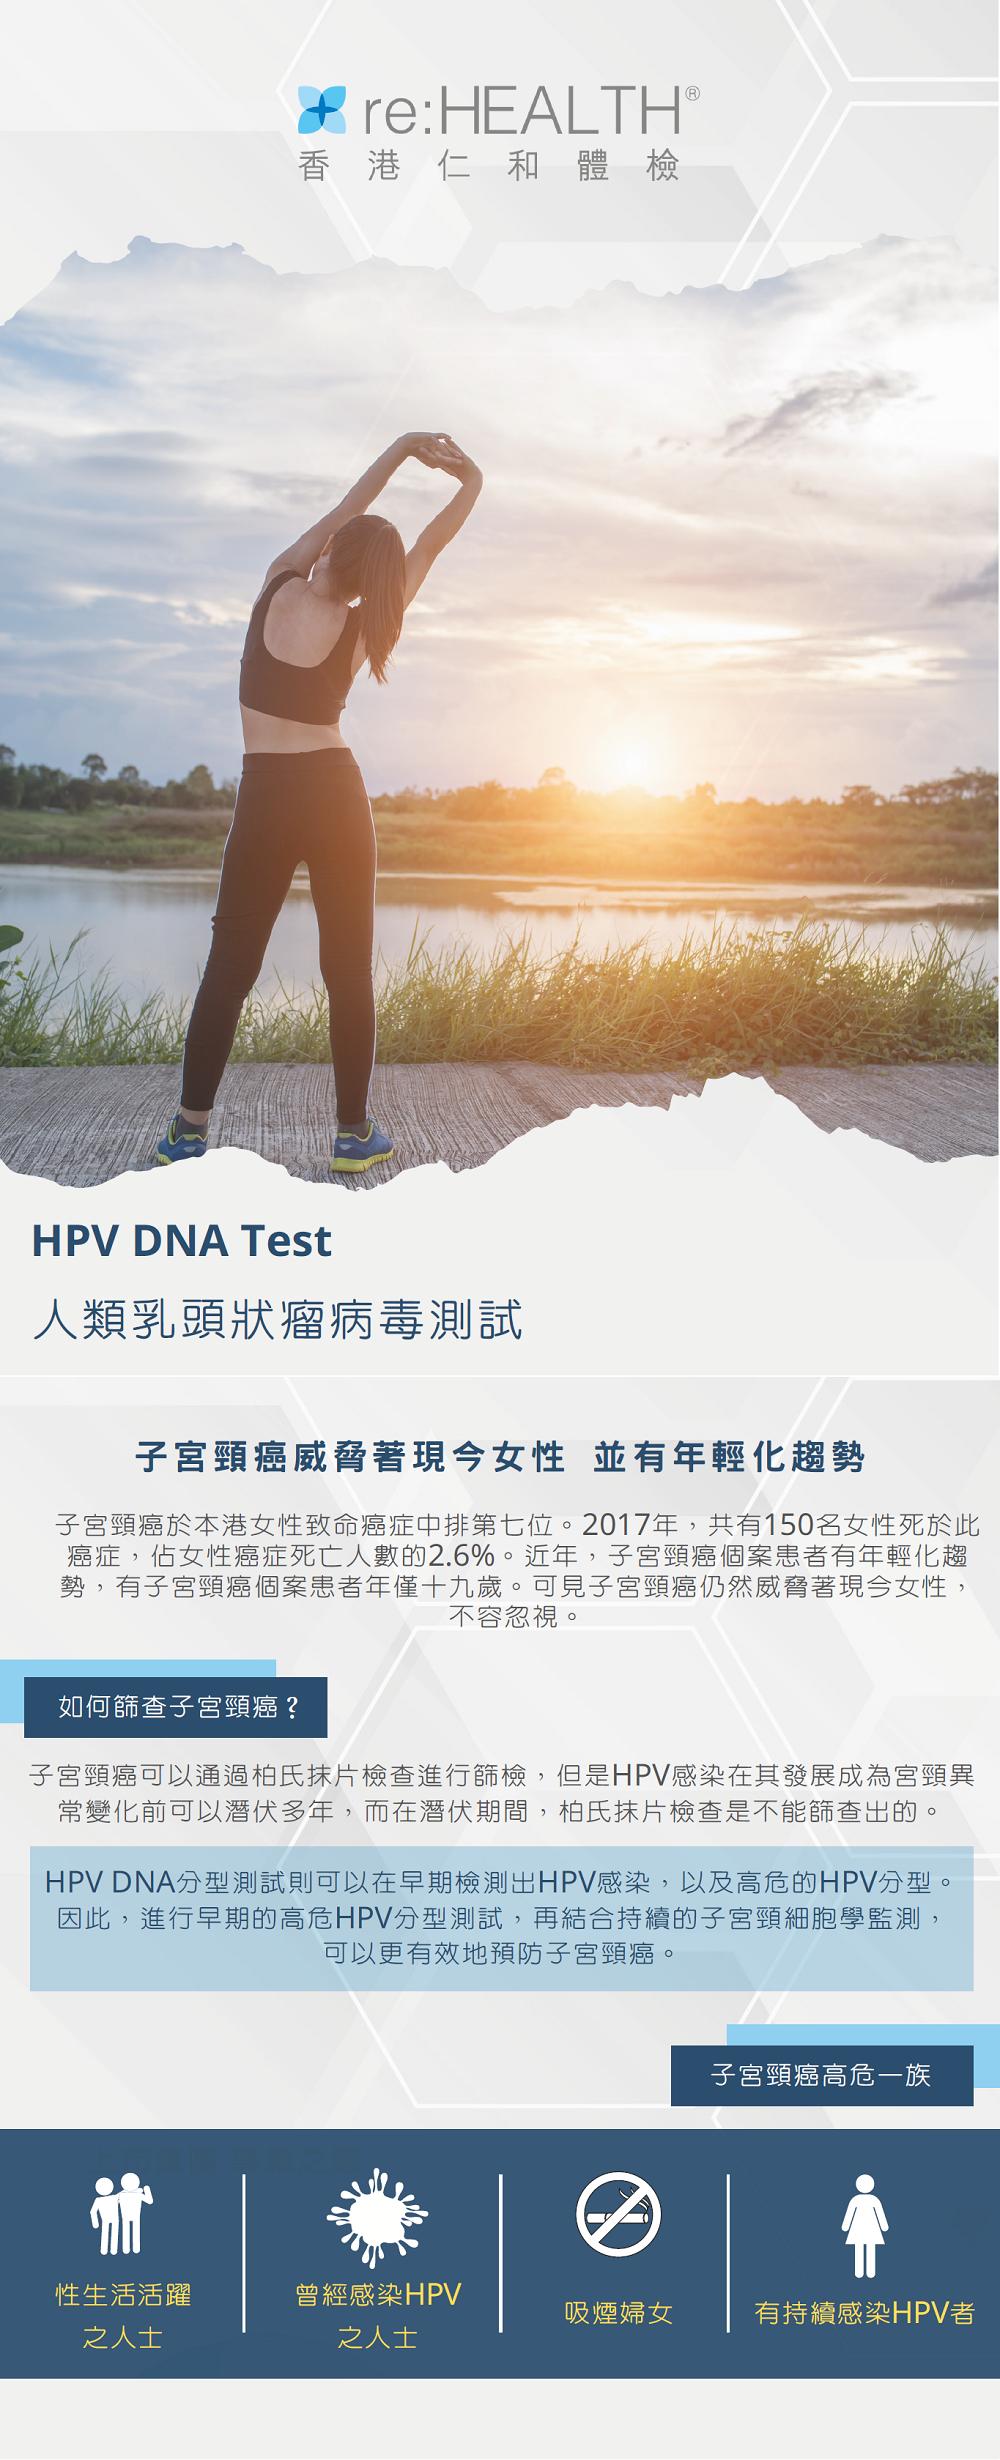 re:HEALTH 人類乳頭狀瘤病毒測試